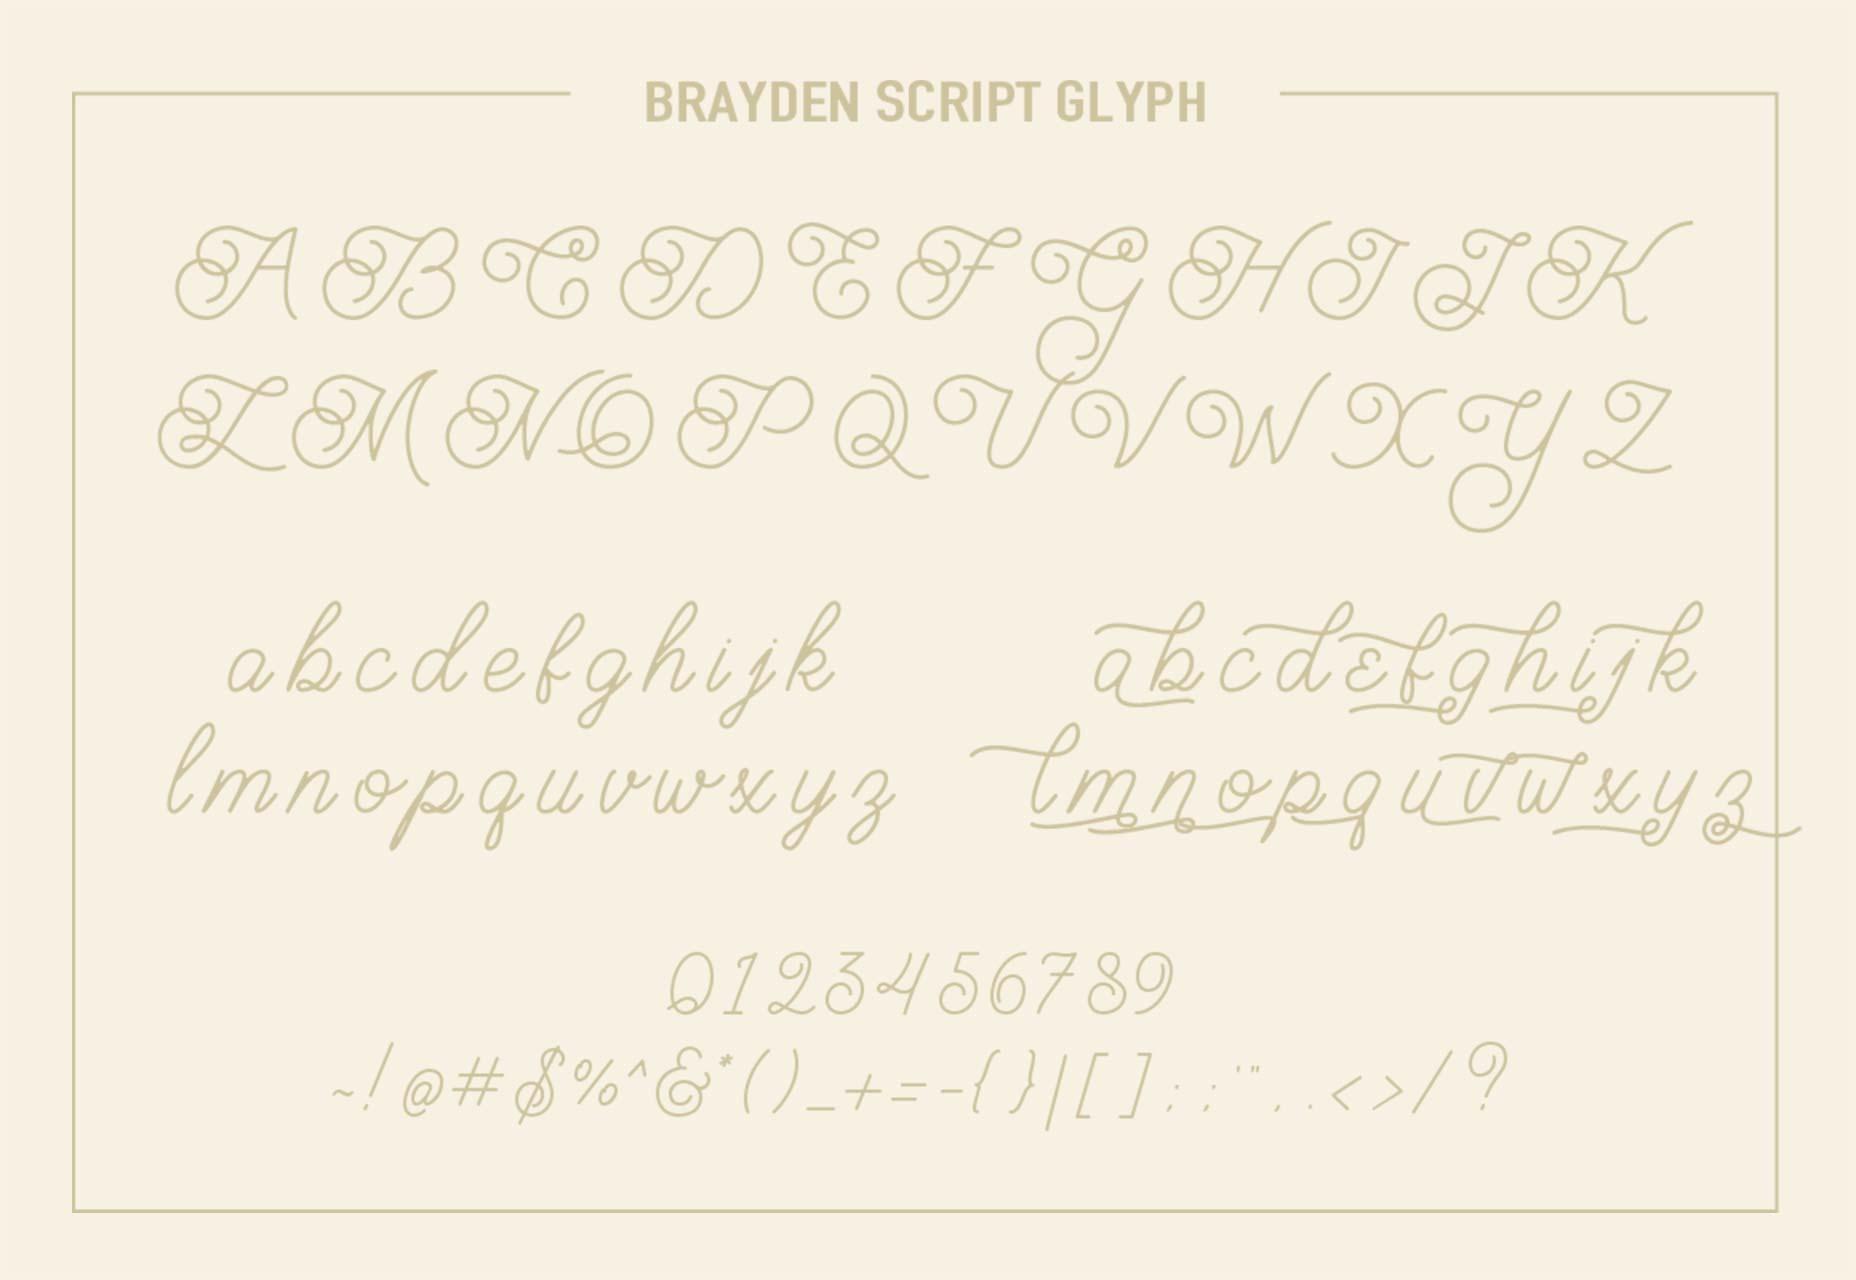 064_brayden_script